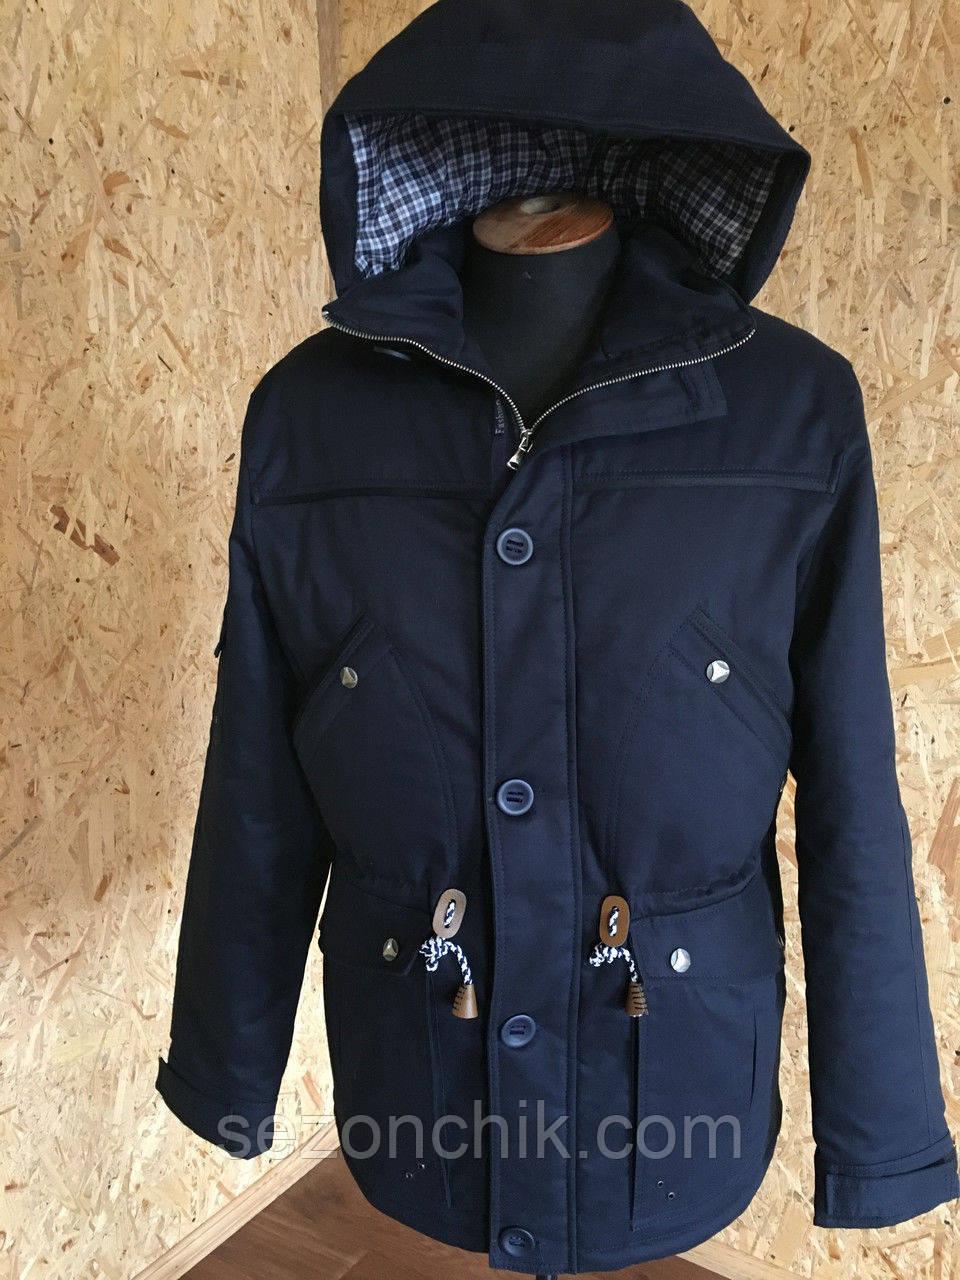 adb981bda18 Модные мужские куртки парки демисезонные - Фабрика по пошиву верхней  детской одежды